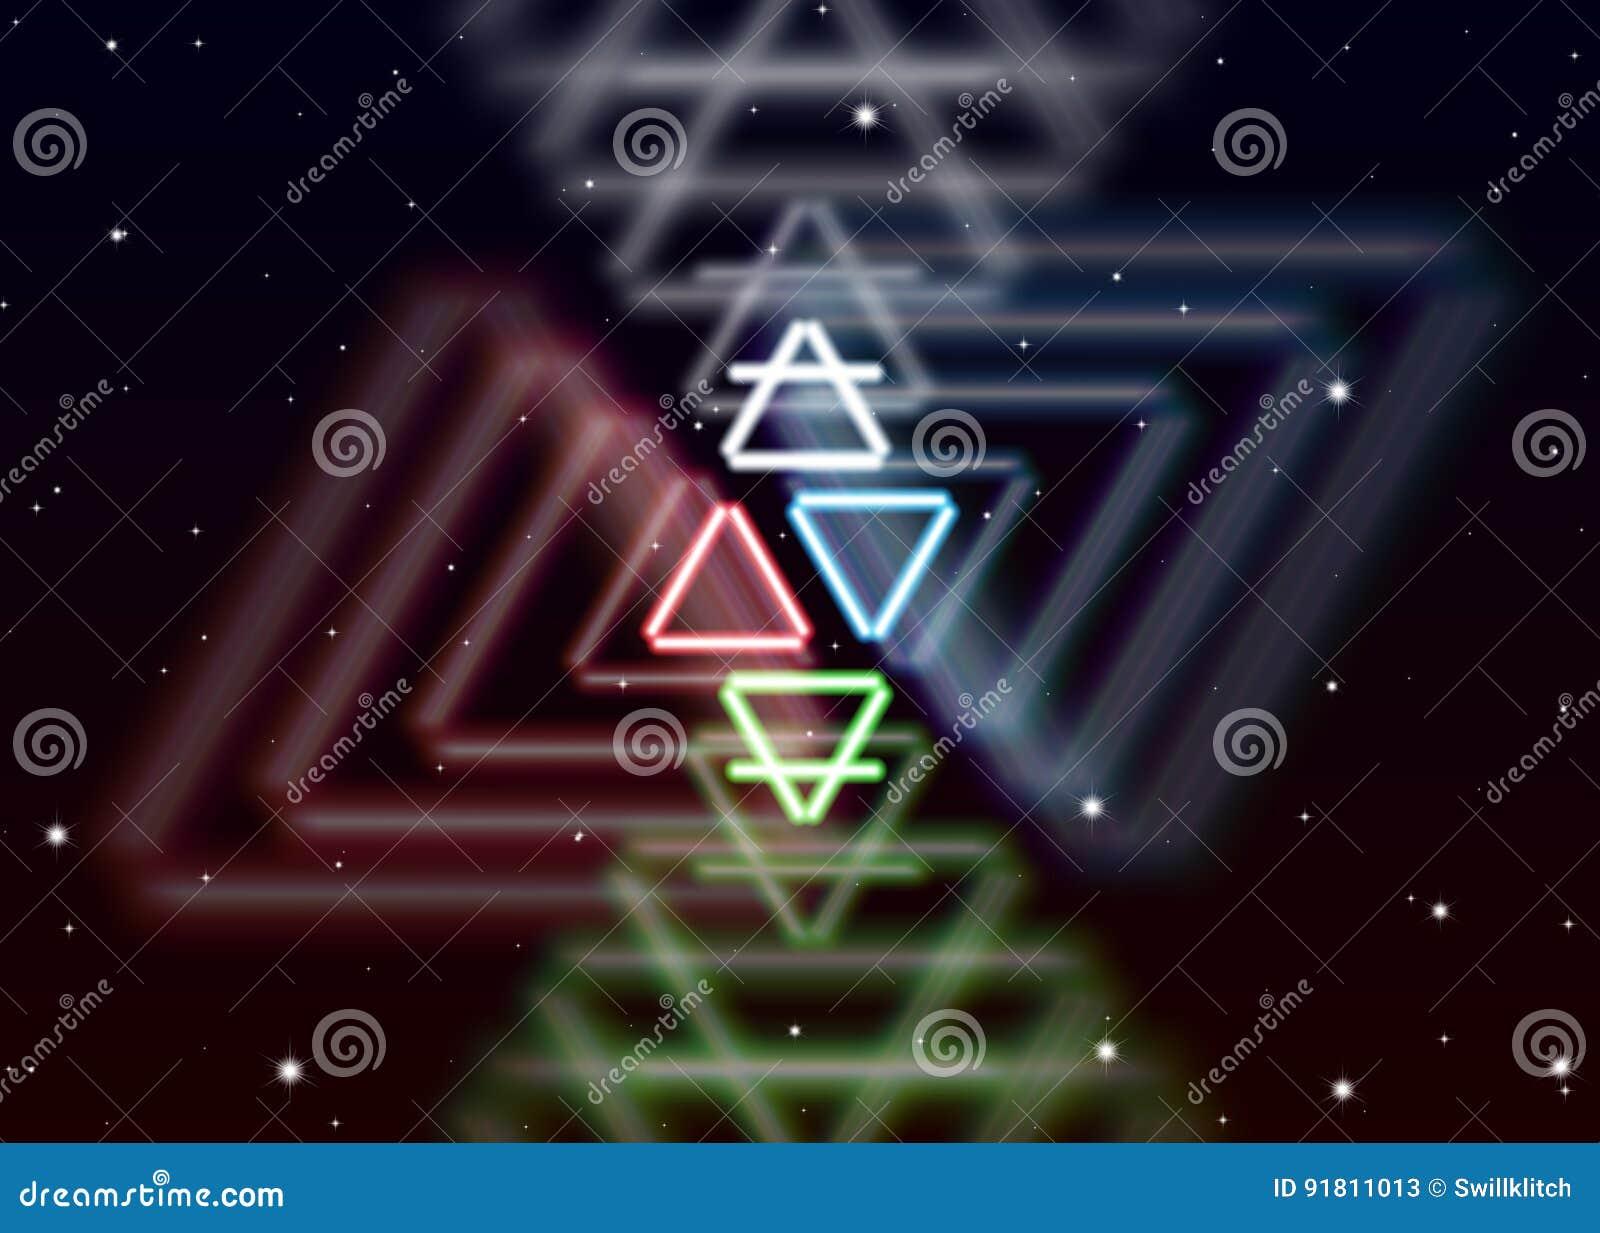 Το μαγικό σύμβολο στοιχείων διαδίδει τη λαμπρή απόκρυφη ενέργεια στο πνευματικό διάστημα